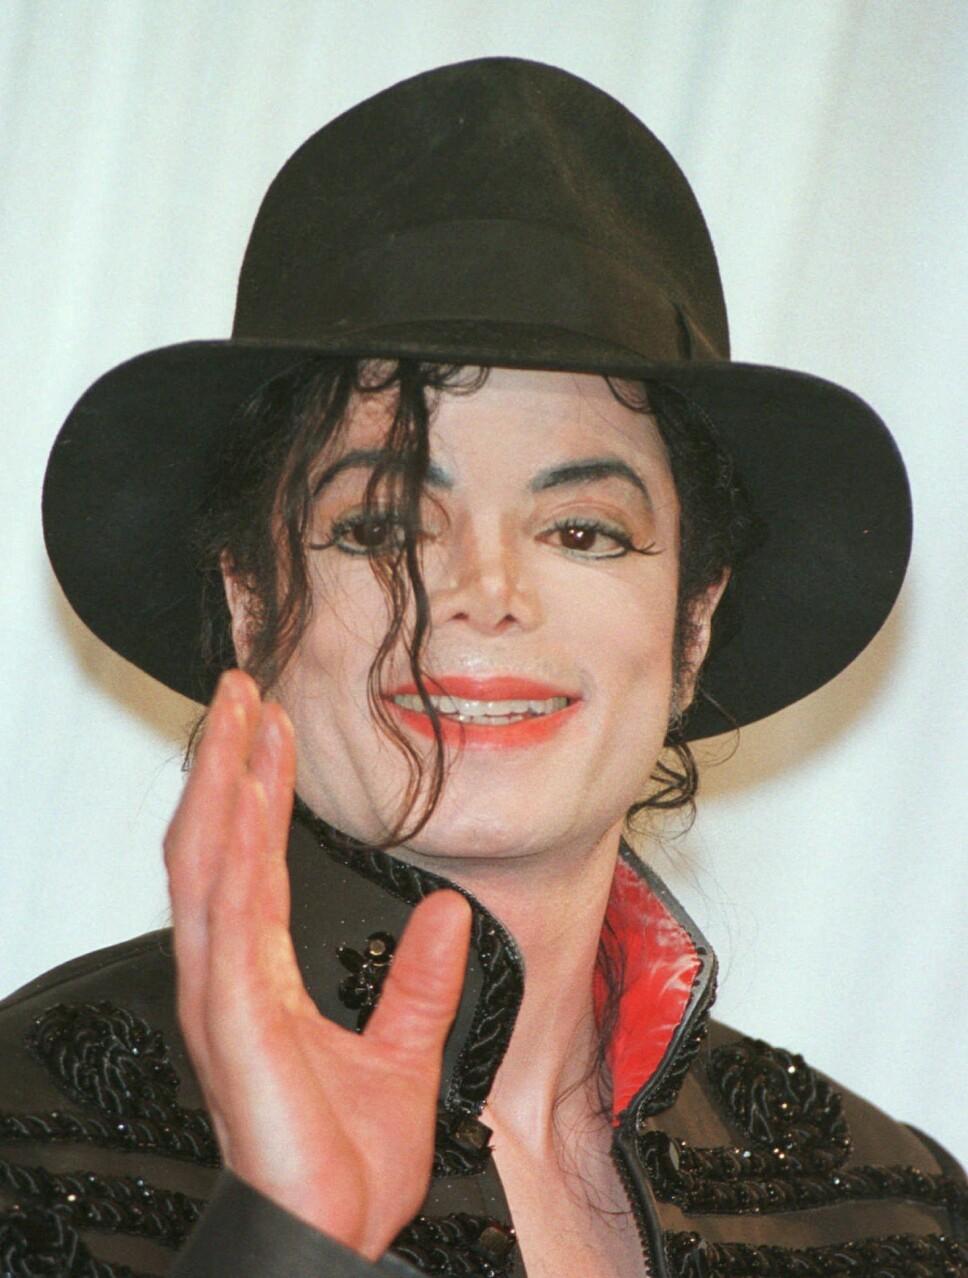 GJORDE ALDRI COMEBACK: Michael Jackson var i full gang med comebacket sitt da han døde brått.